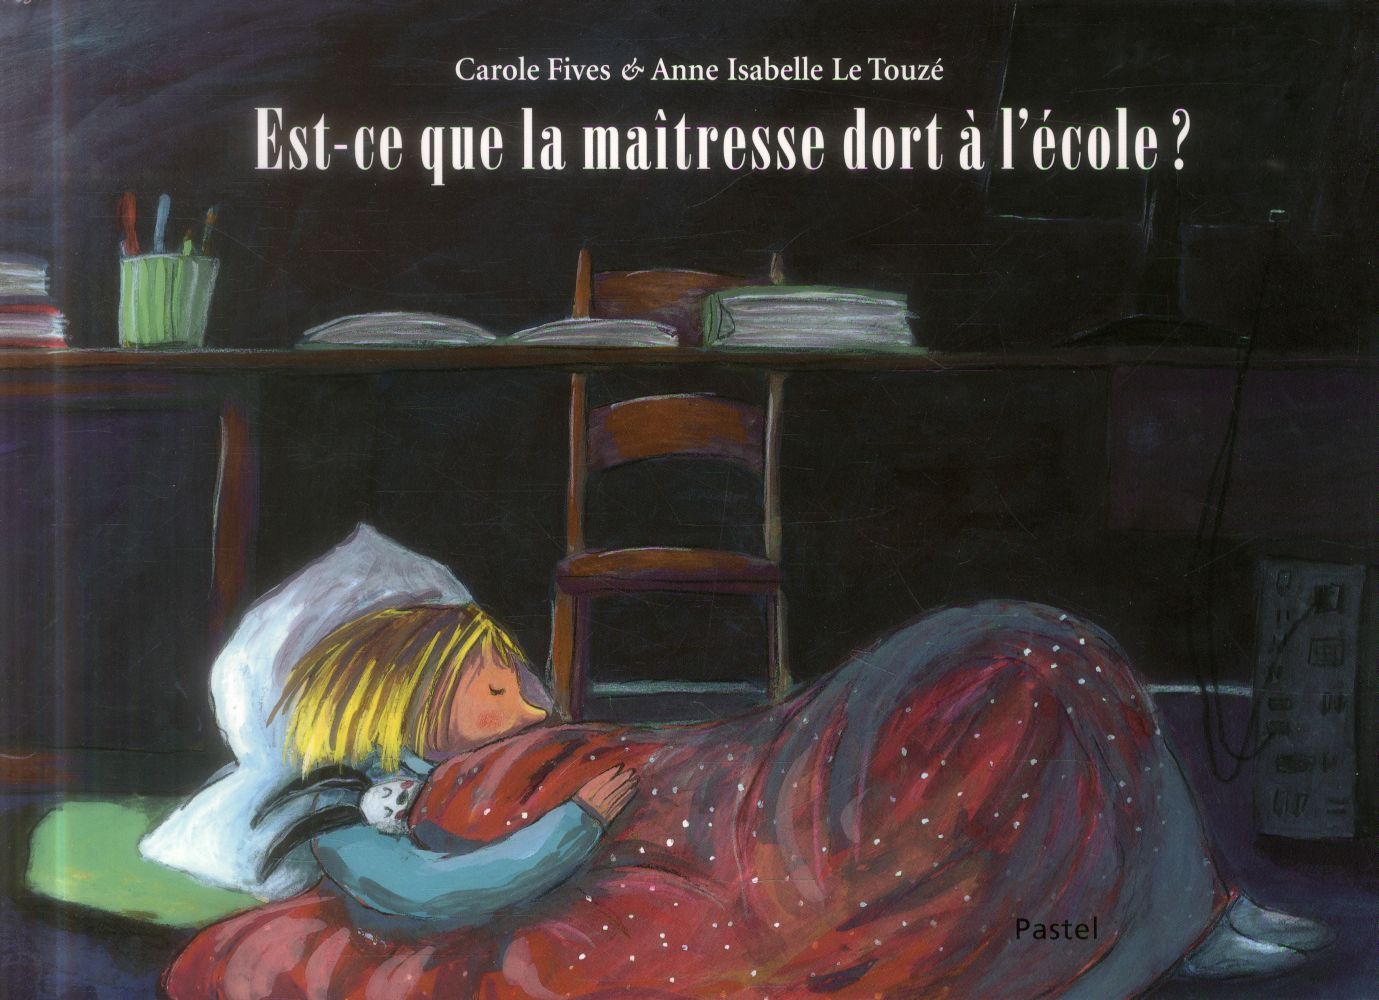 Le Touzé Anne-Isabelle - Est-ce que la maîtresse dort à l'école ?